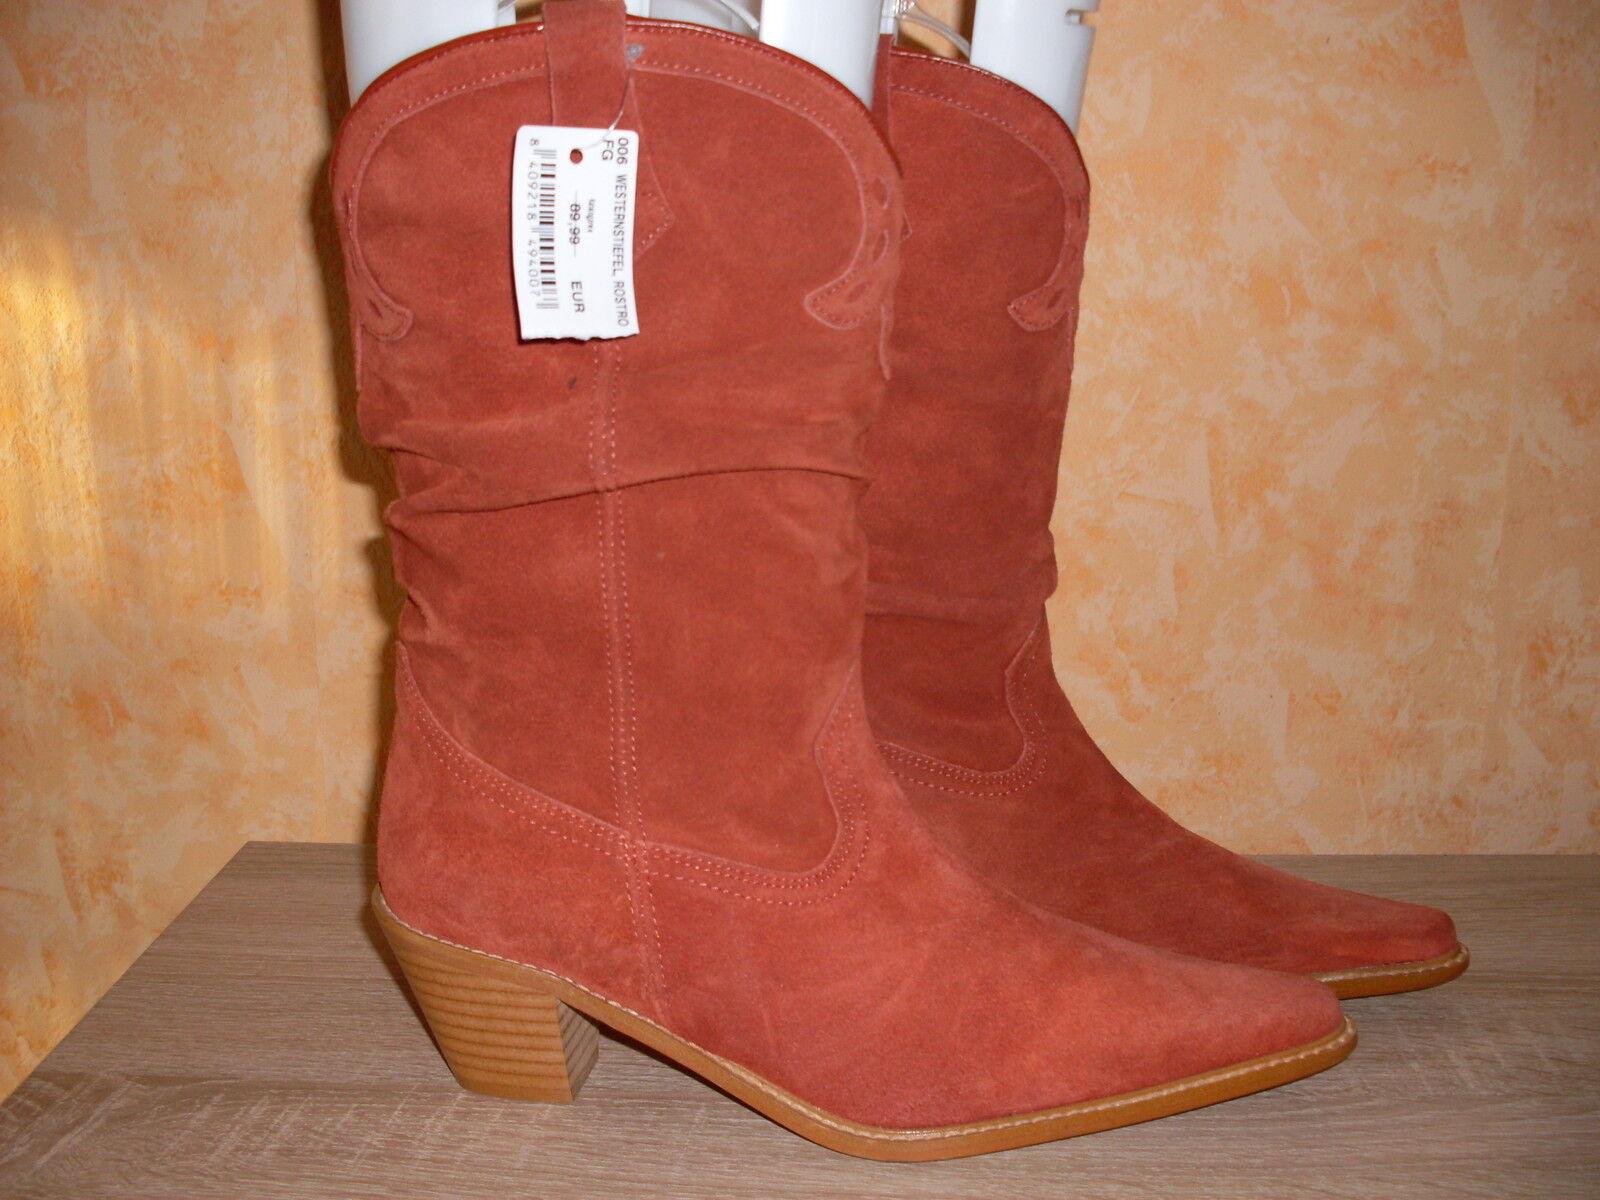 Botas vaqueras botas botas de vaquero nuevo talla gamuza 40 en rostrot & gamuza talla cuero 607b52